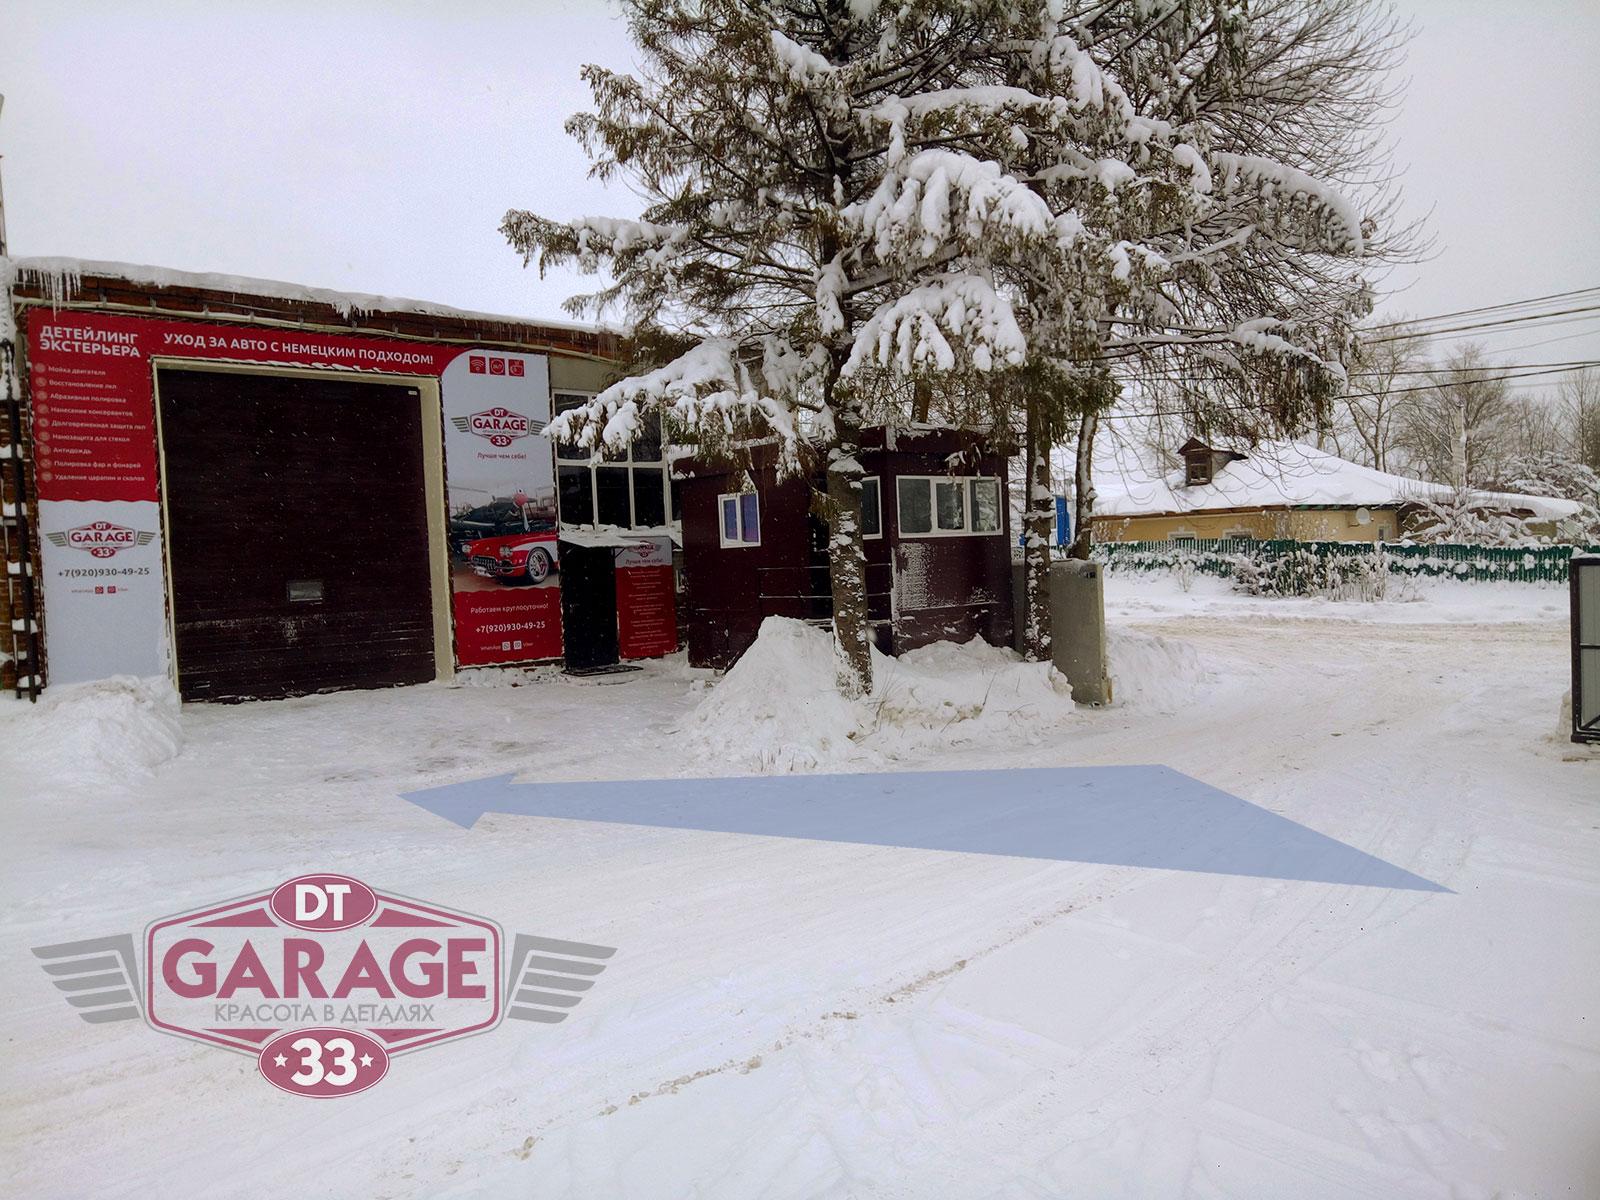 На фото мастерская DT GARAGE 33 в городе Владимире.